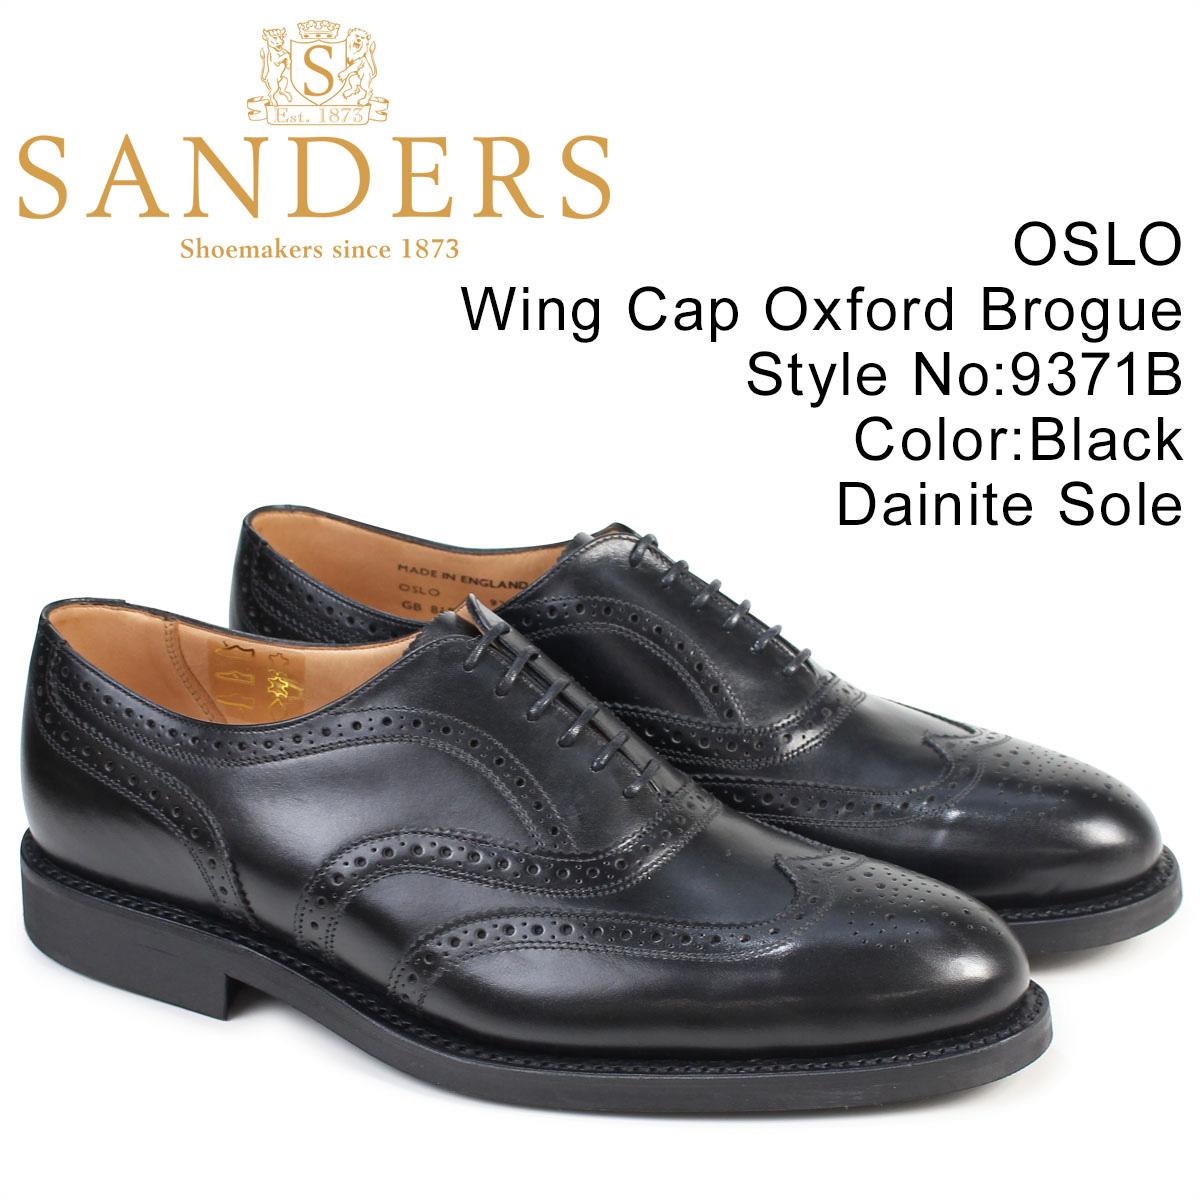 SANDERS 靴 サンダース ミリタリー オックスフォード シューズ ウイングチップ ビジネス OSLO 9371B メンズ ブラック 黒